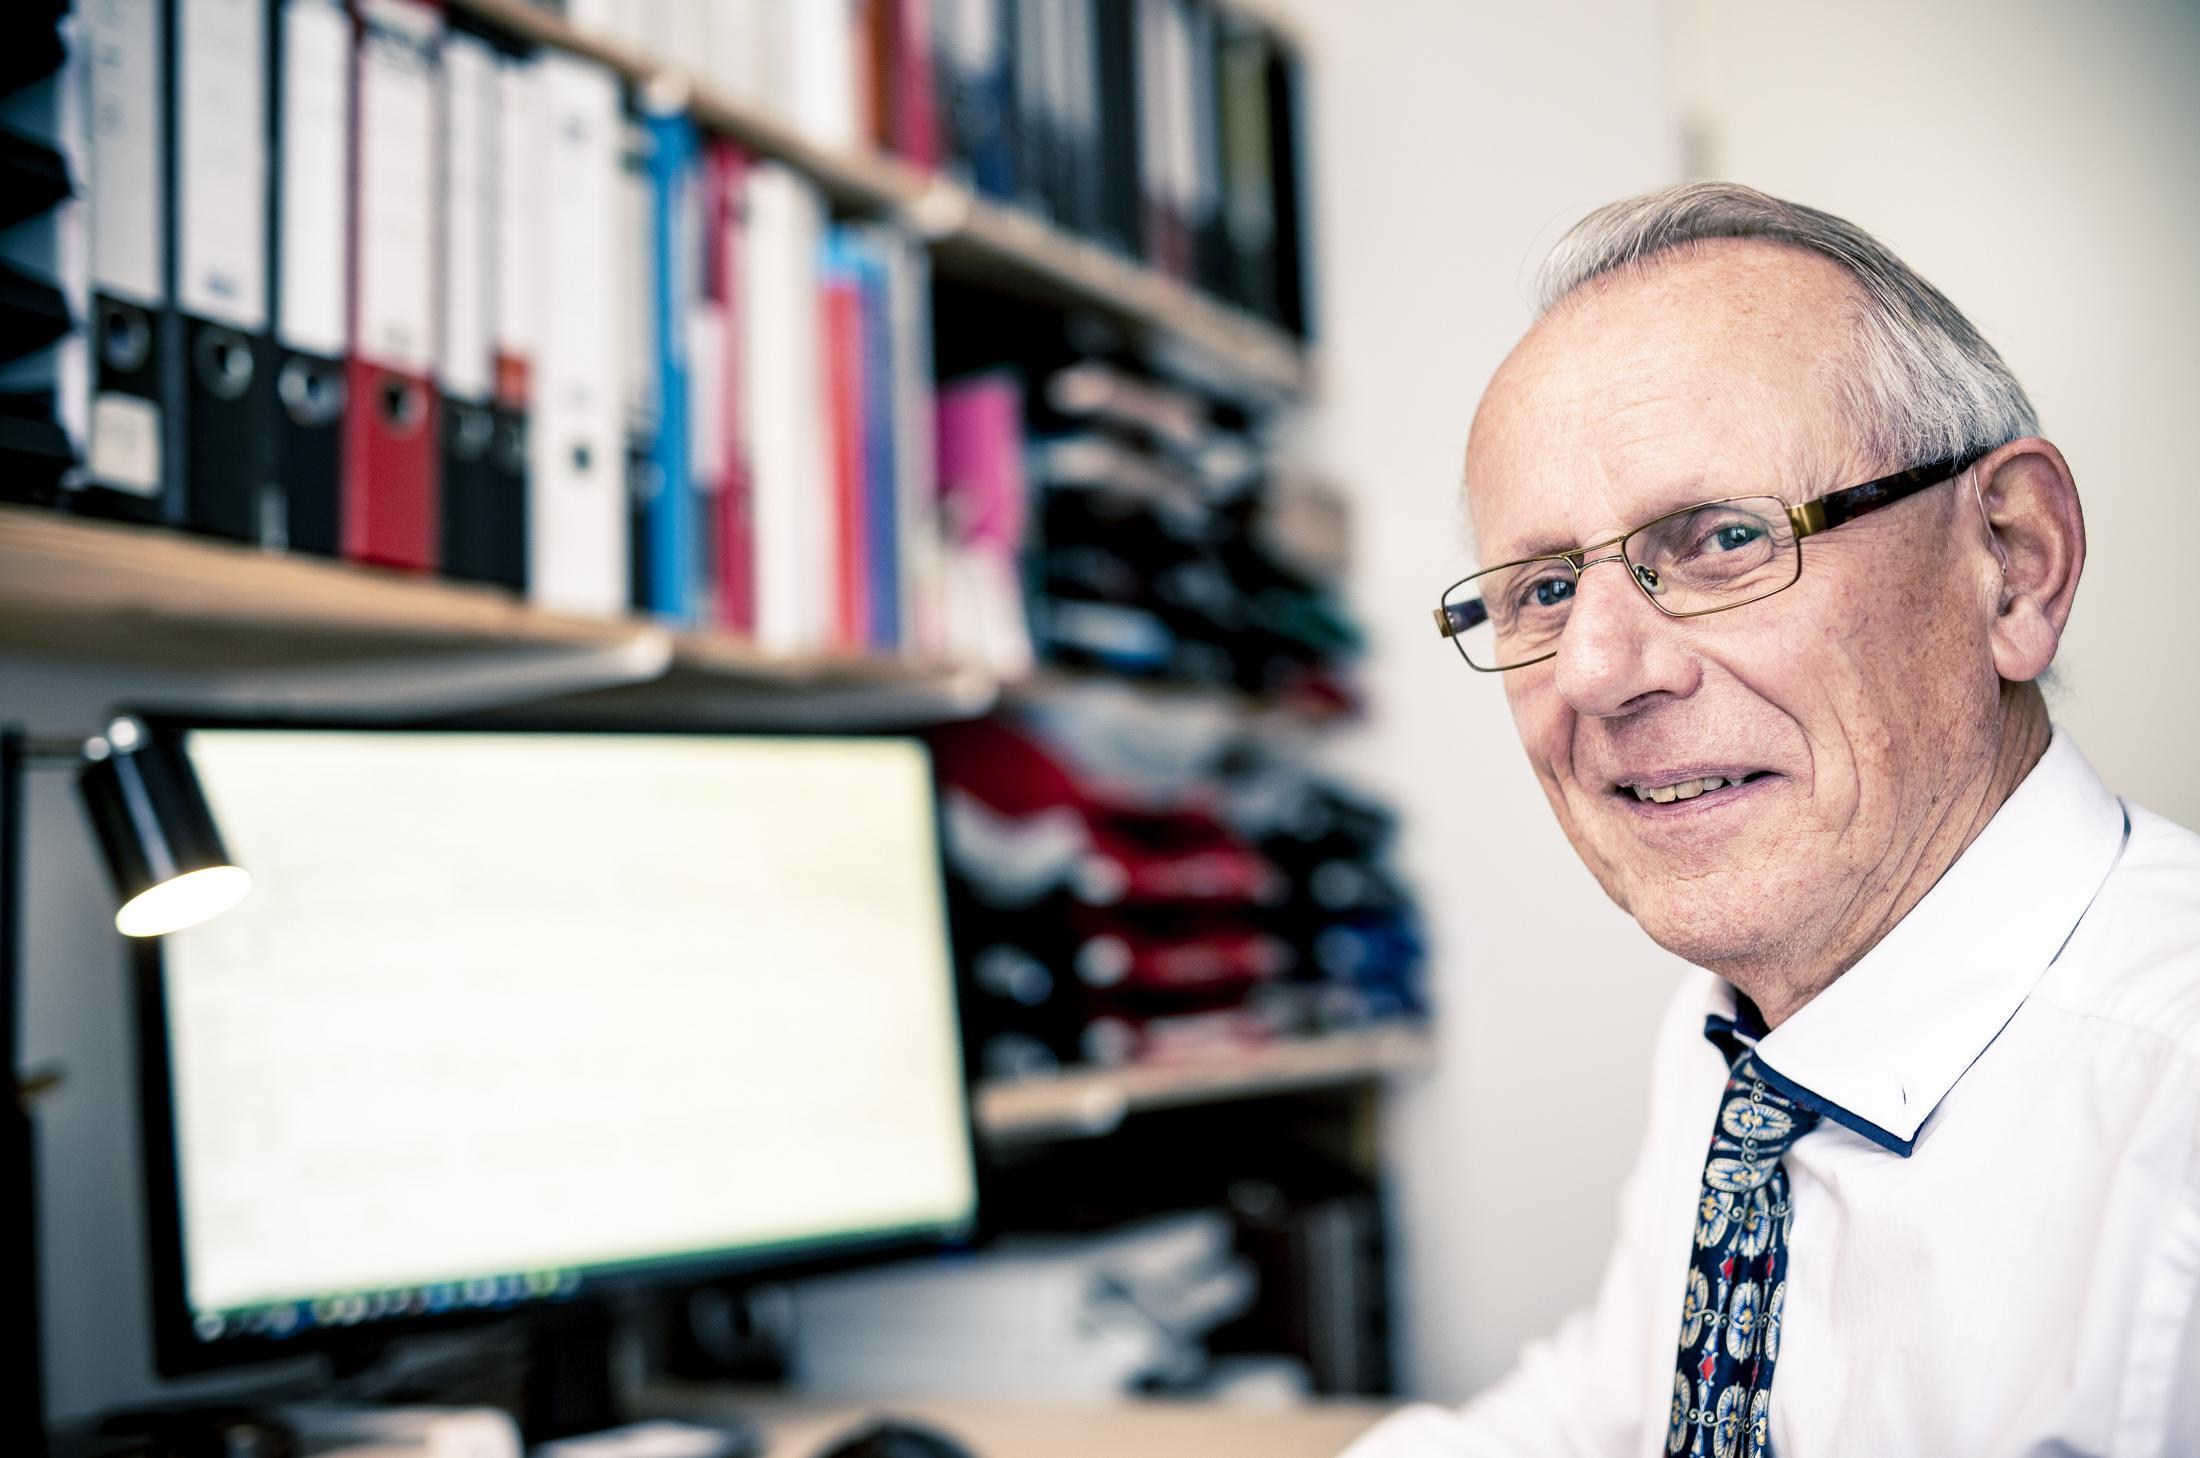 Frank Visser, Adviseur familiebedrijven bij Overname